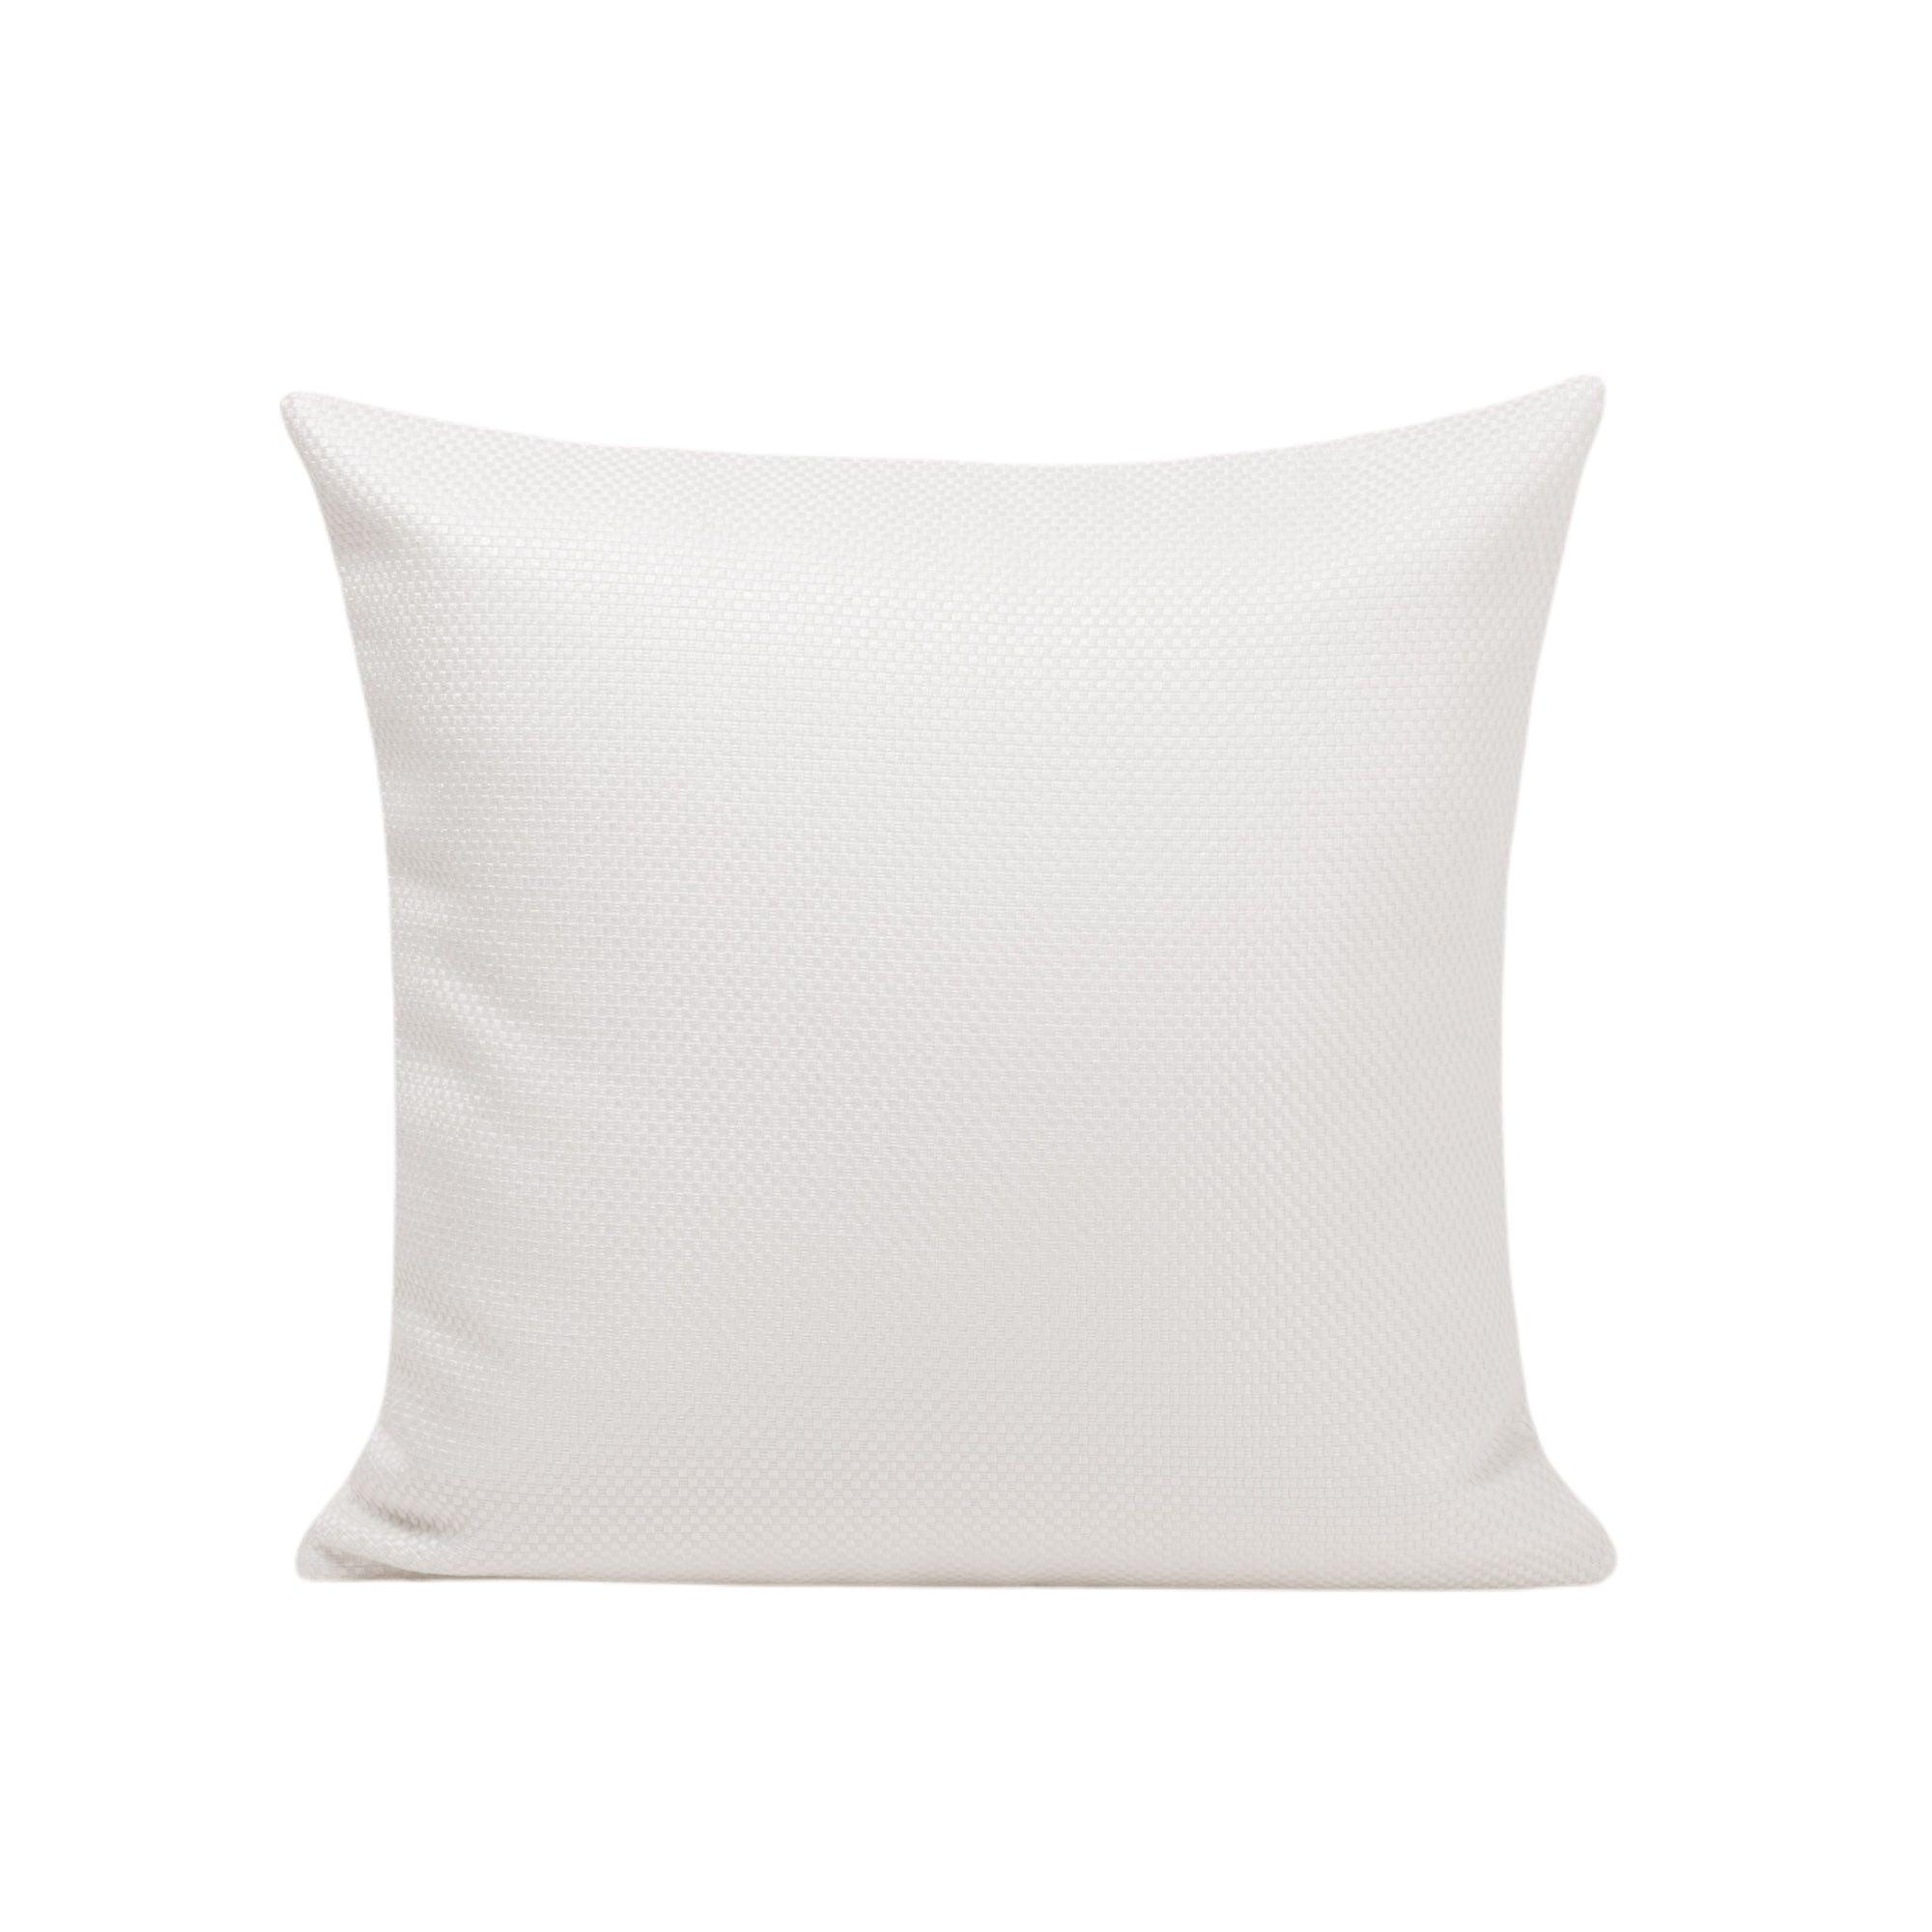 Housse de coussin 50x50 cm Blanc